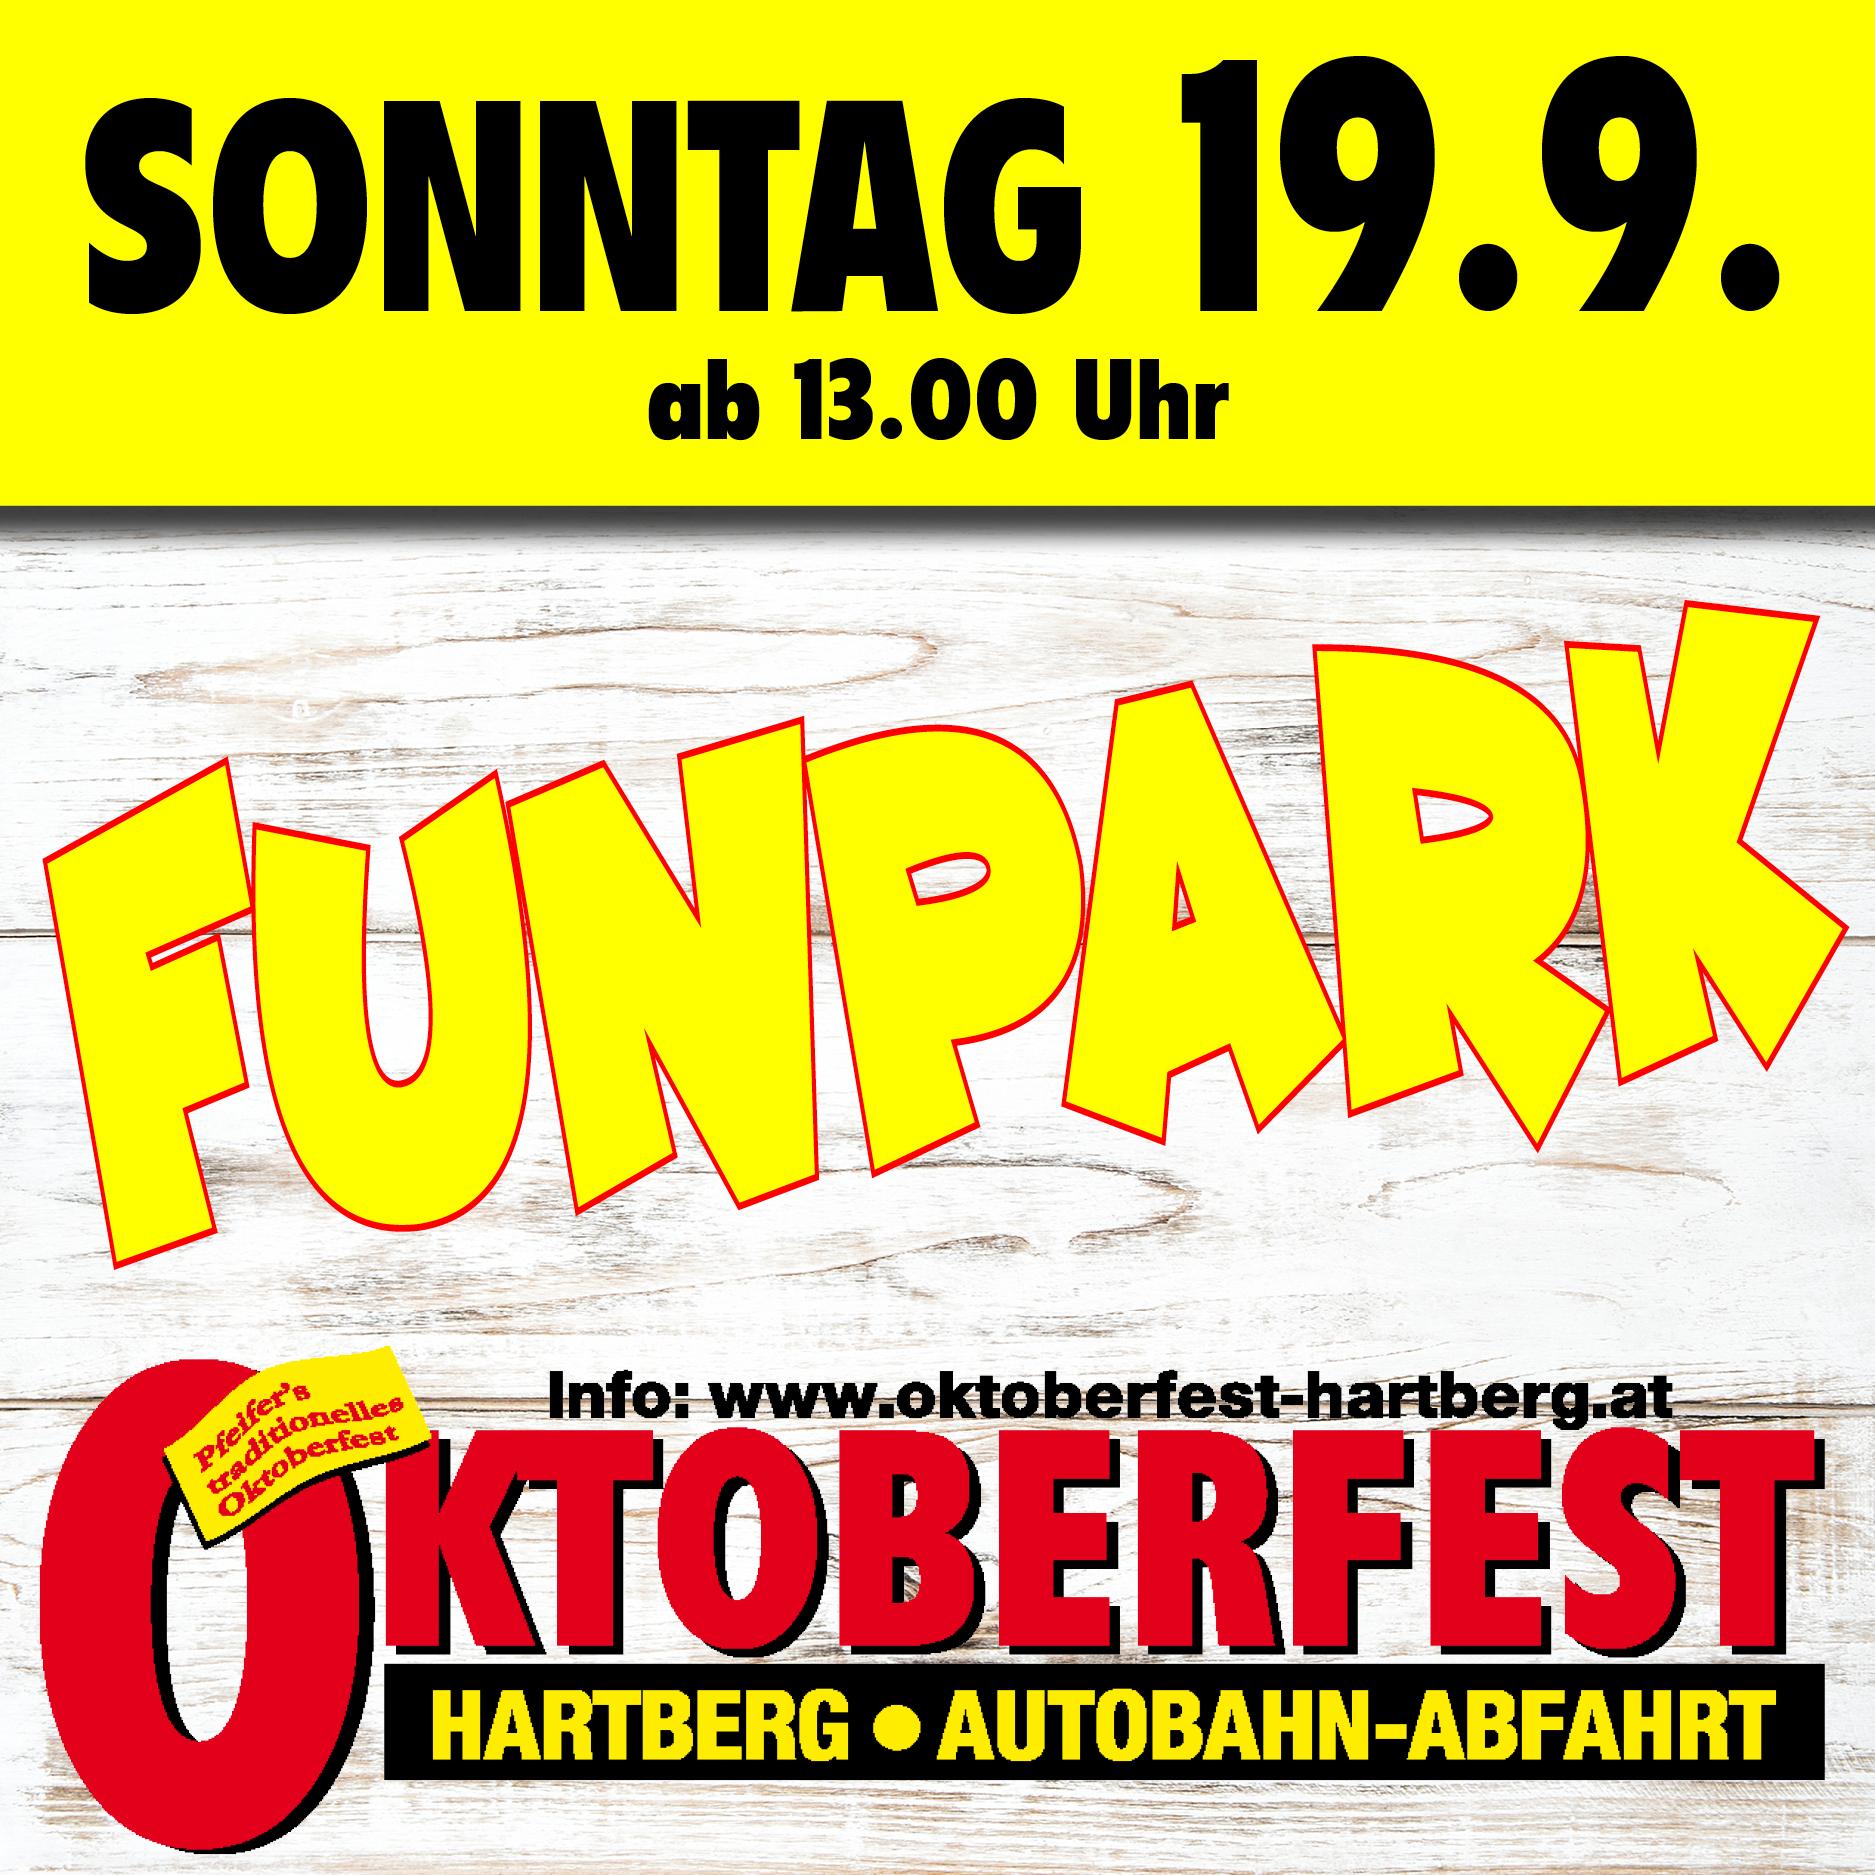 Oktober Fest Hartberg 19.09.2021